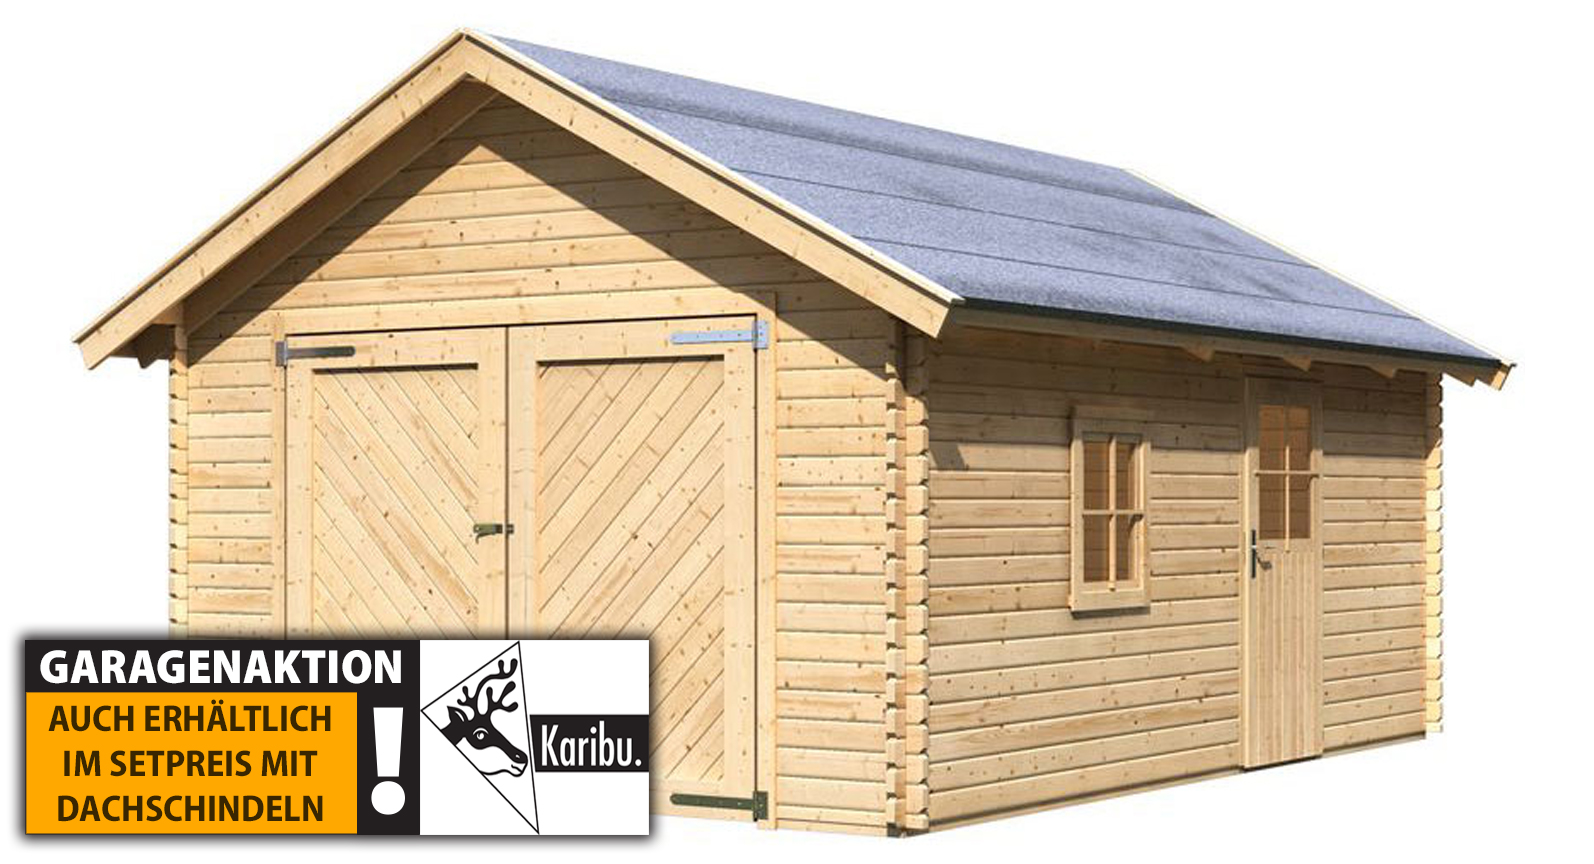 Karibu Satteldach Holzgarage online günstig kaufen